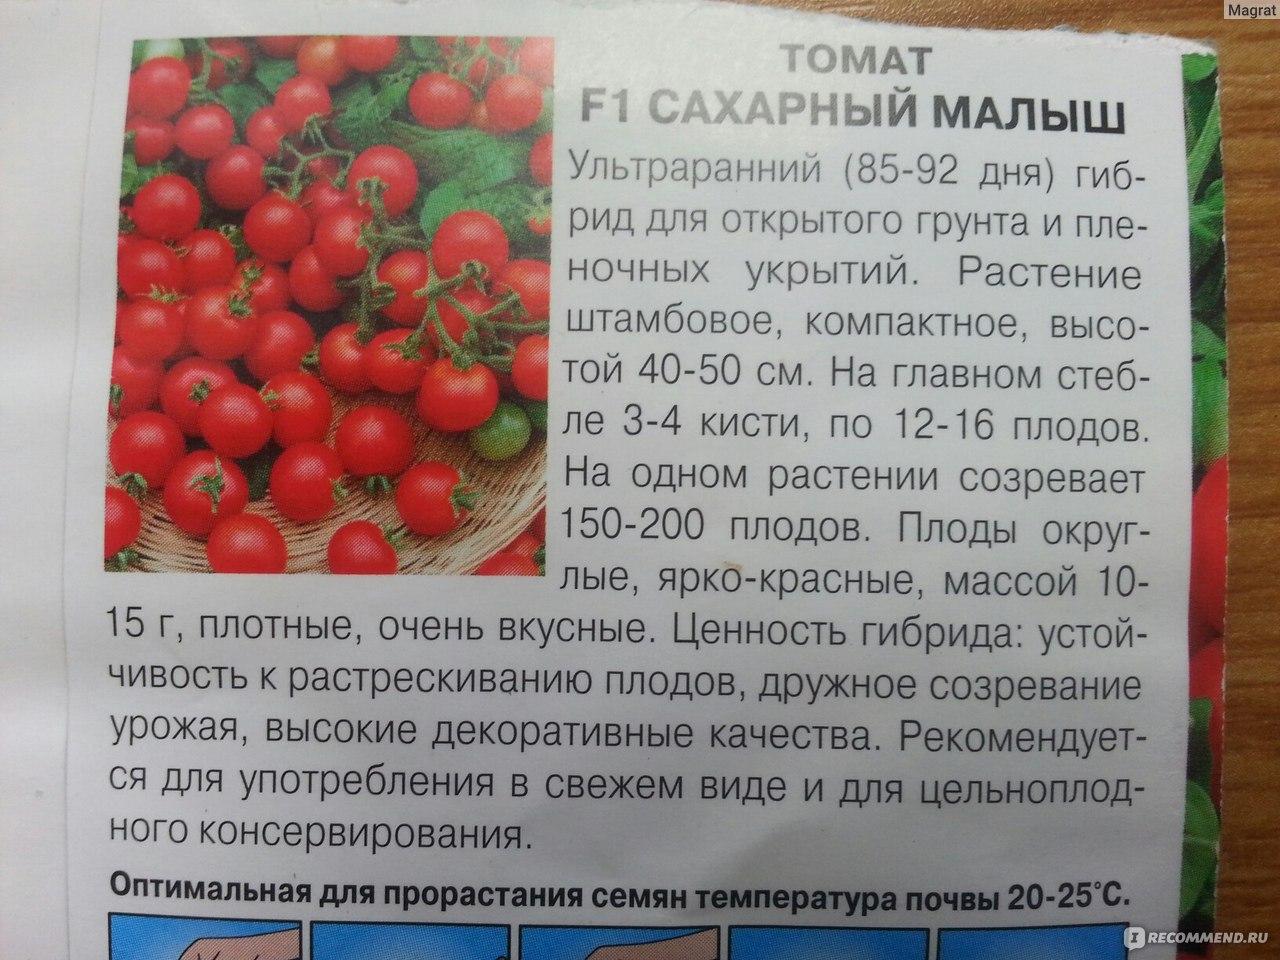 Поразит урожайностью и вкусом — томат «белле f1» и секреты агротехники от огородников со стажем